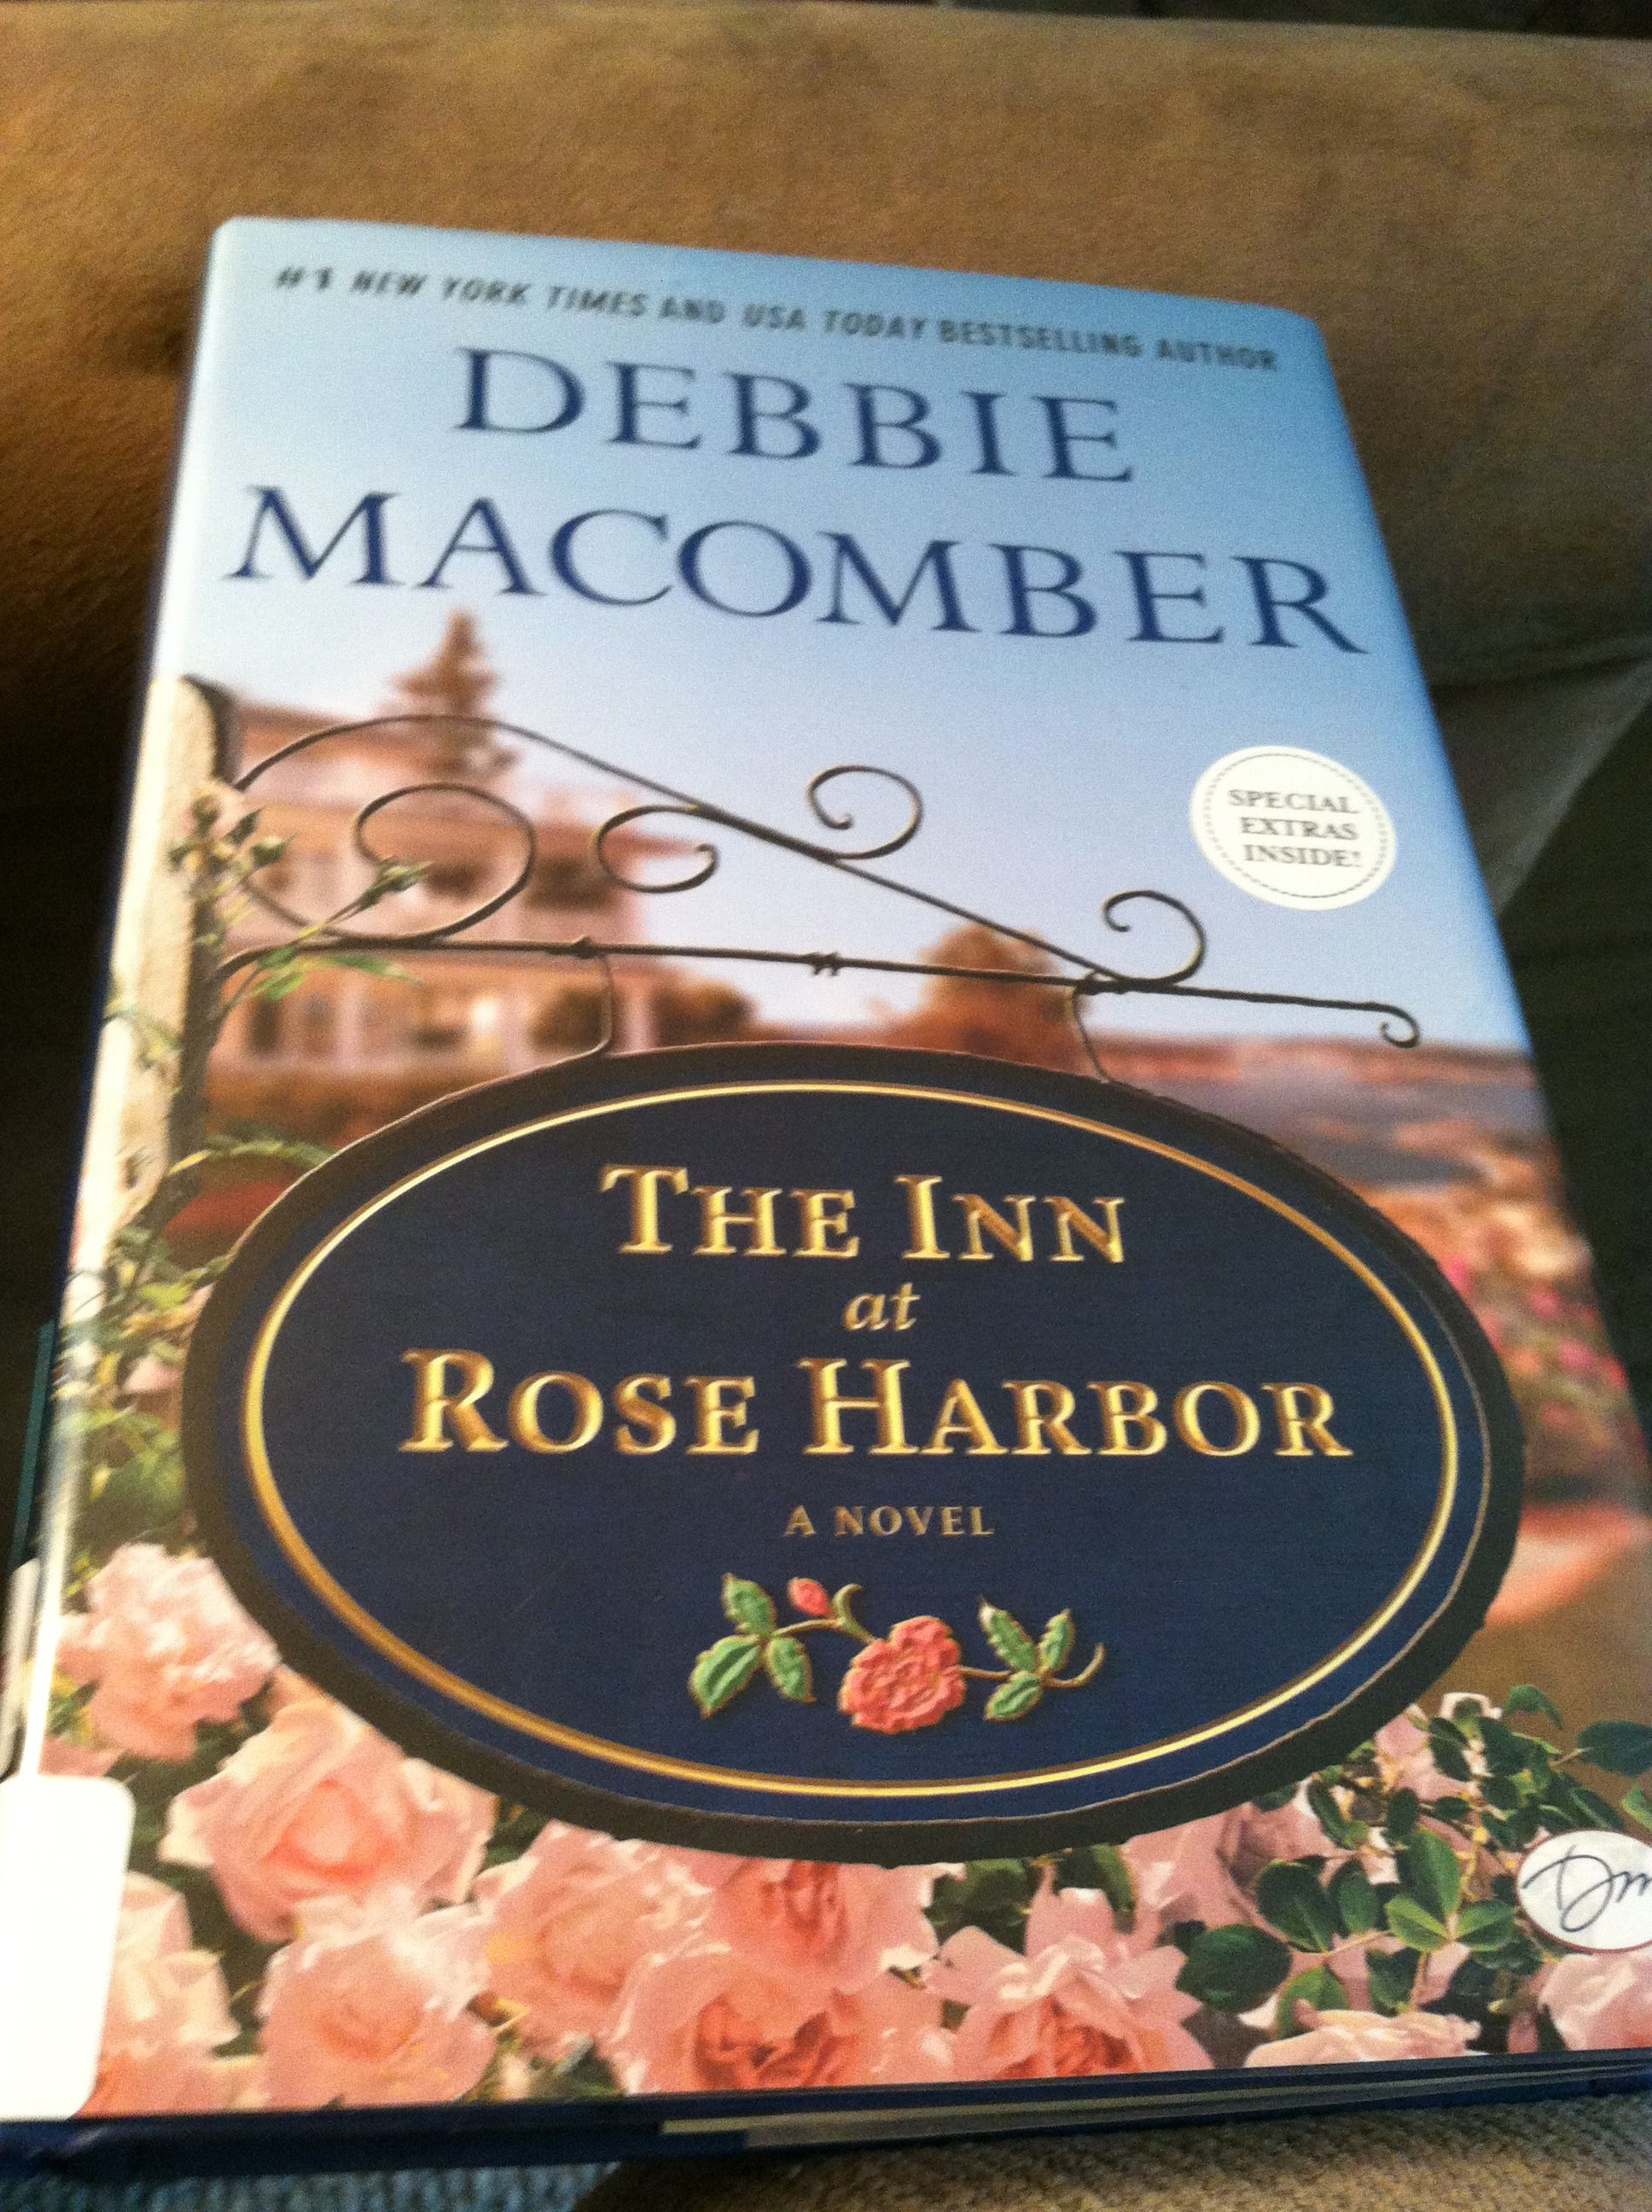 Debbie debbie book worth reading debbie